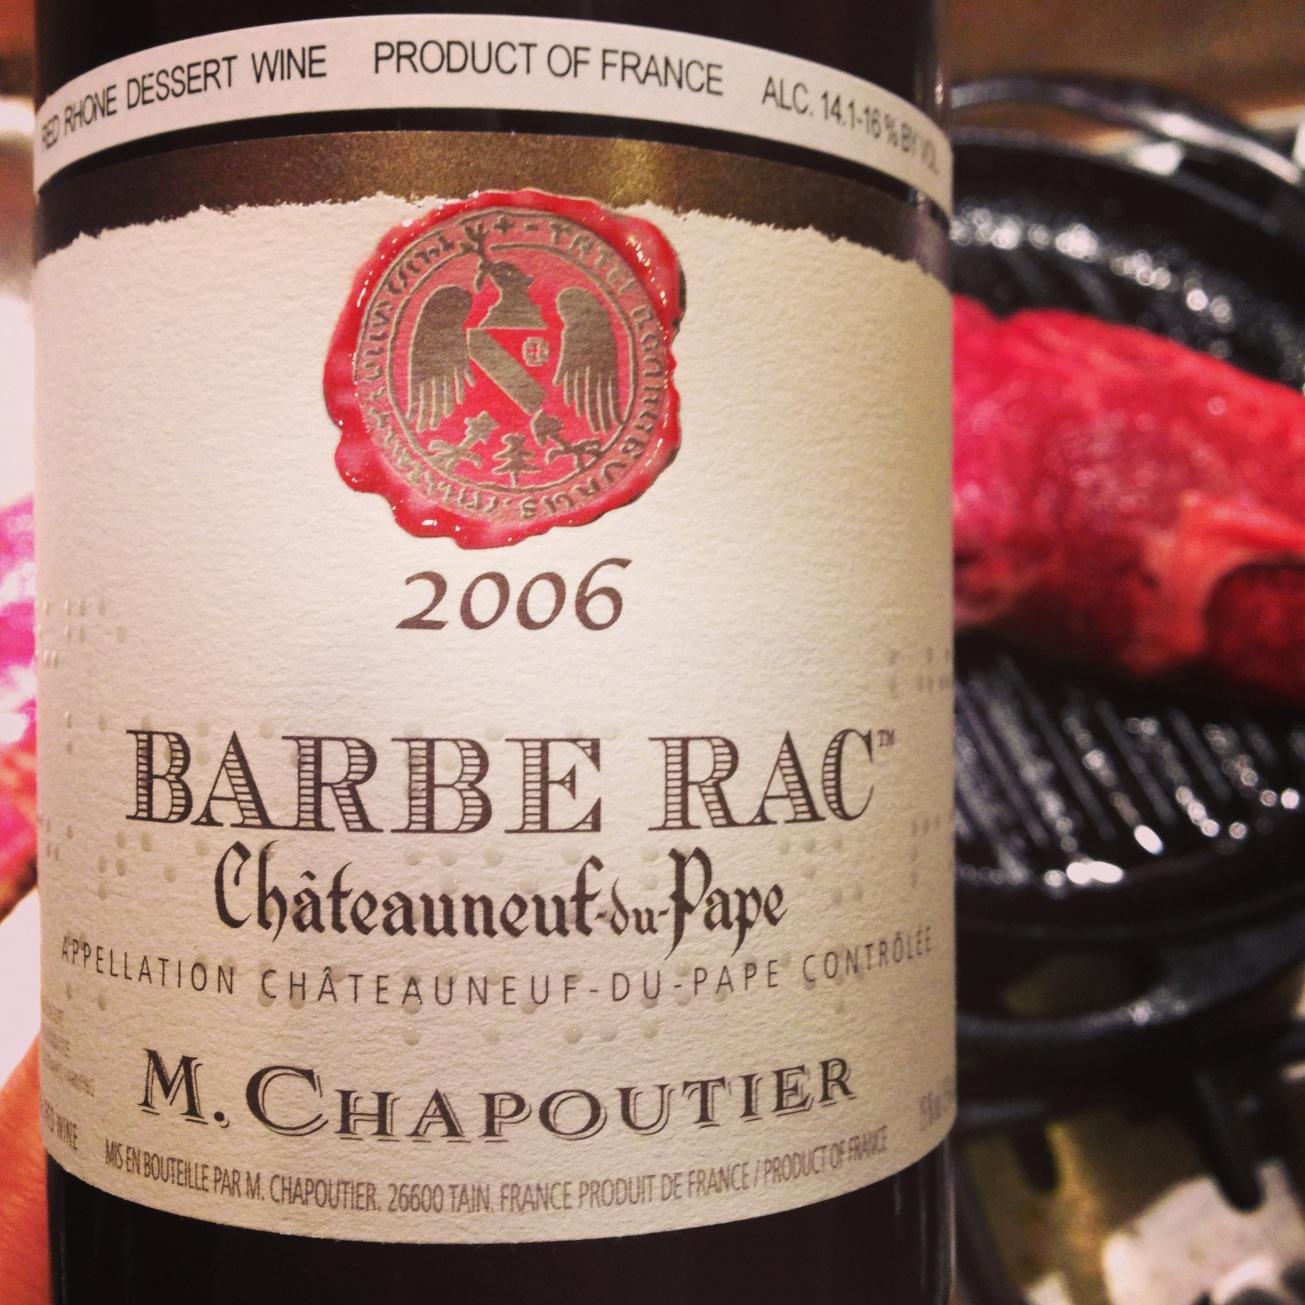 2006 M. Chapoutier Châteauneuf-du-Pape Barbe Rac